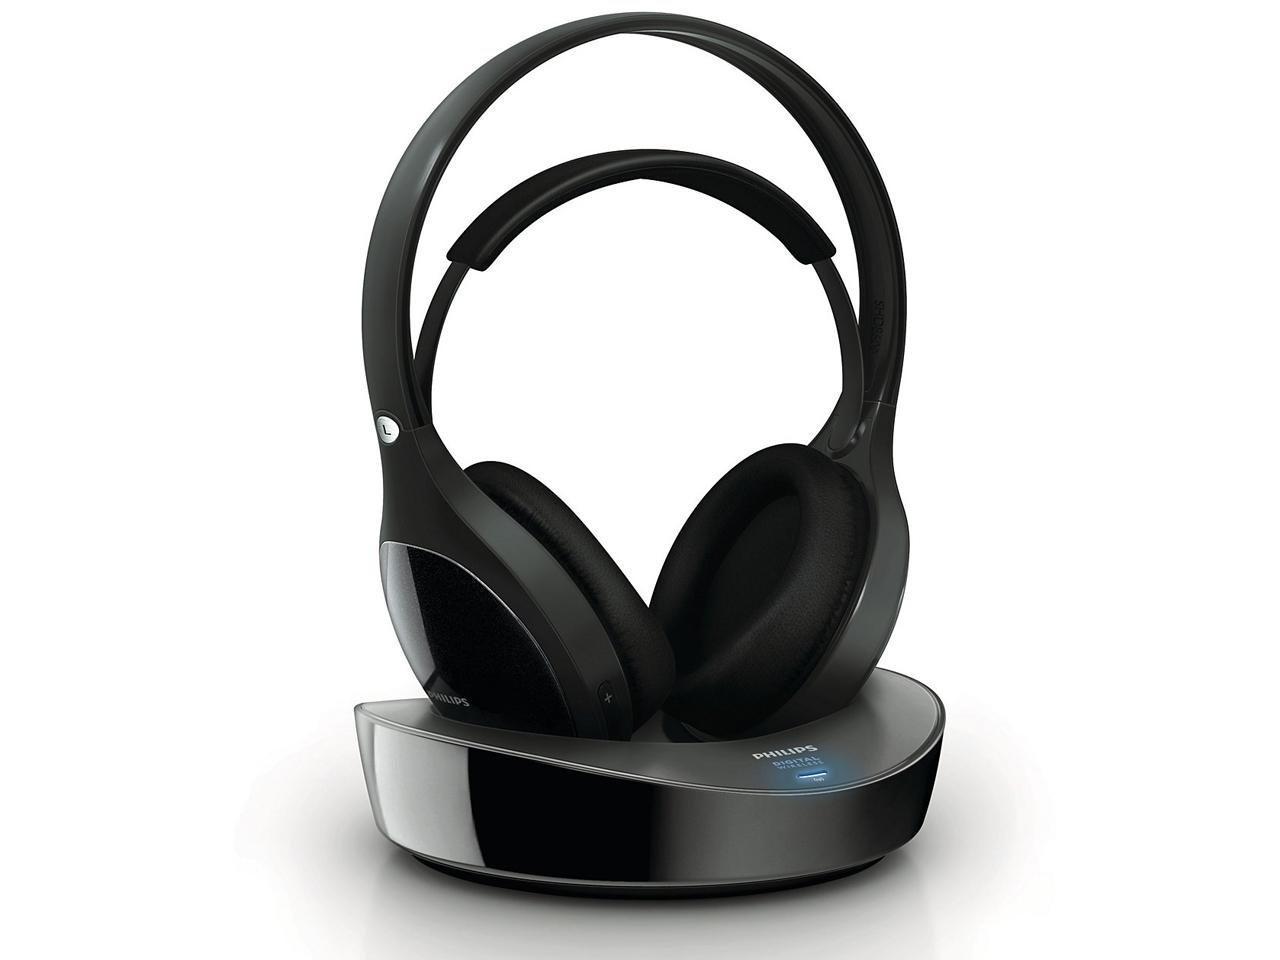 Auriculares inalámbricos Philips SHD8600